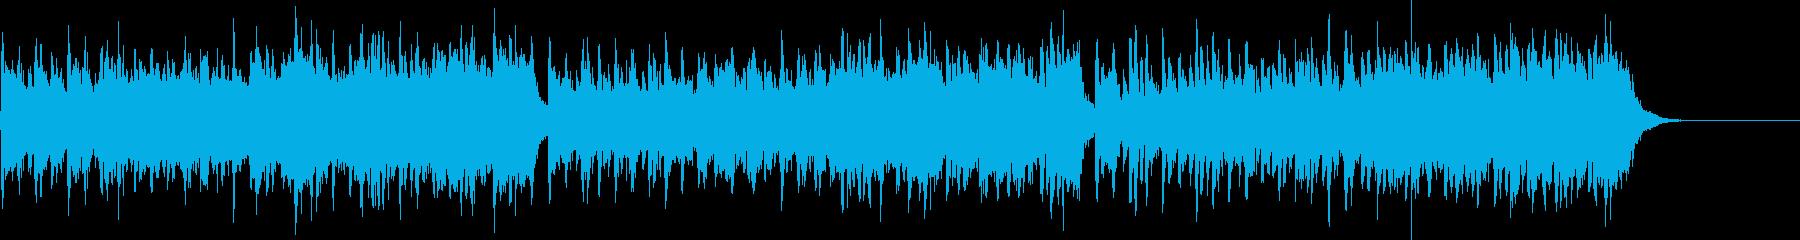 リズムが心地よいエスニック音楽の再生済みの波形